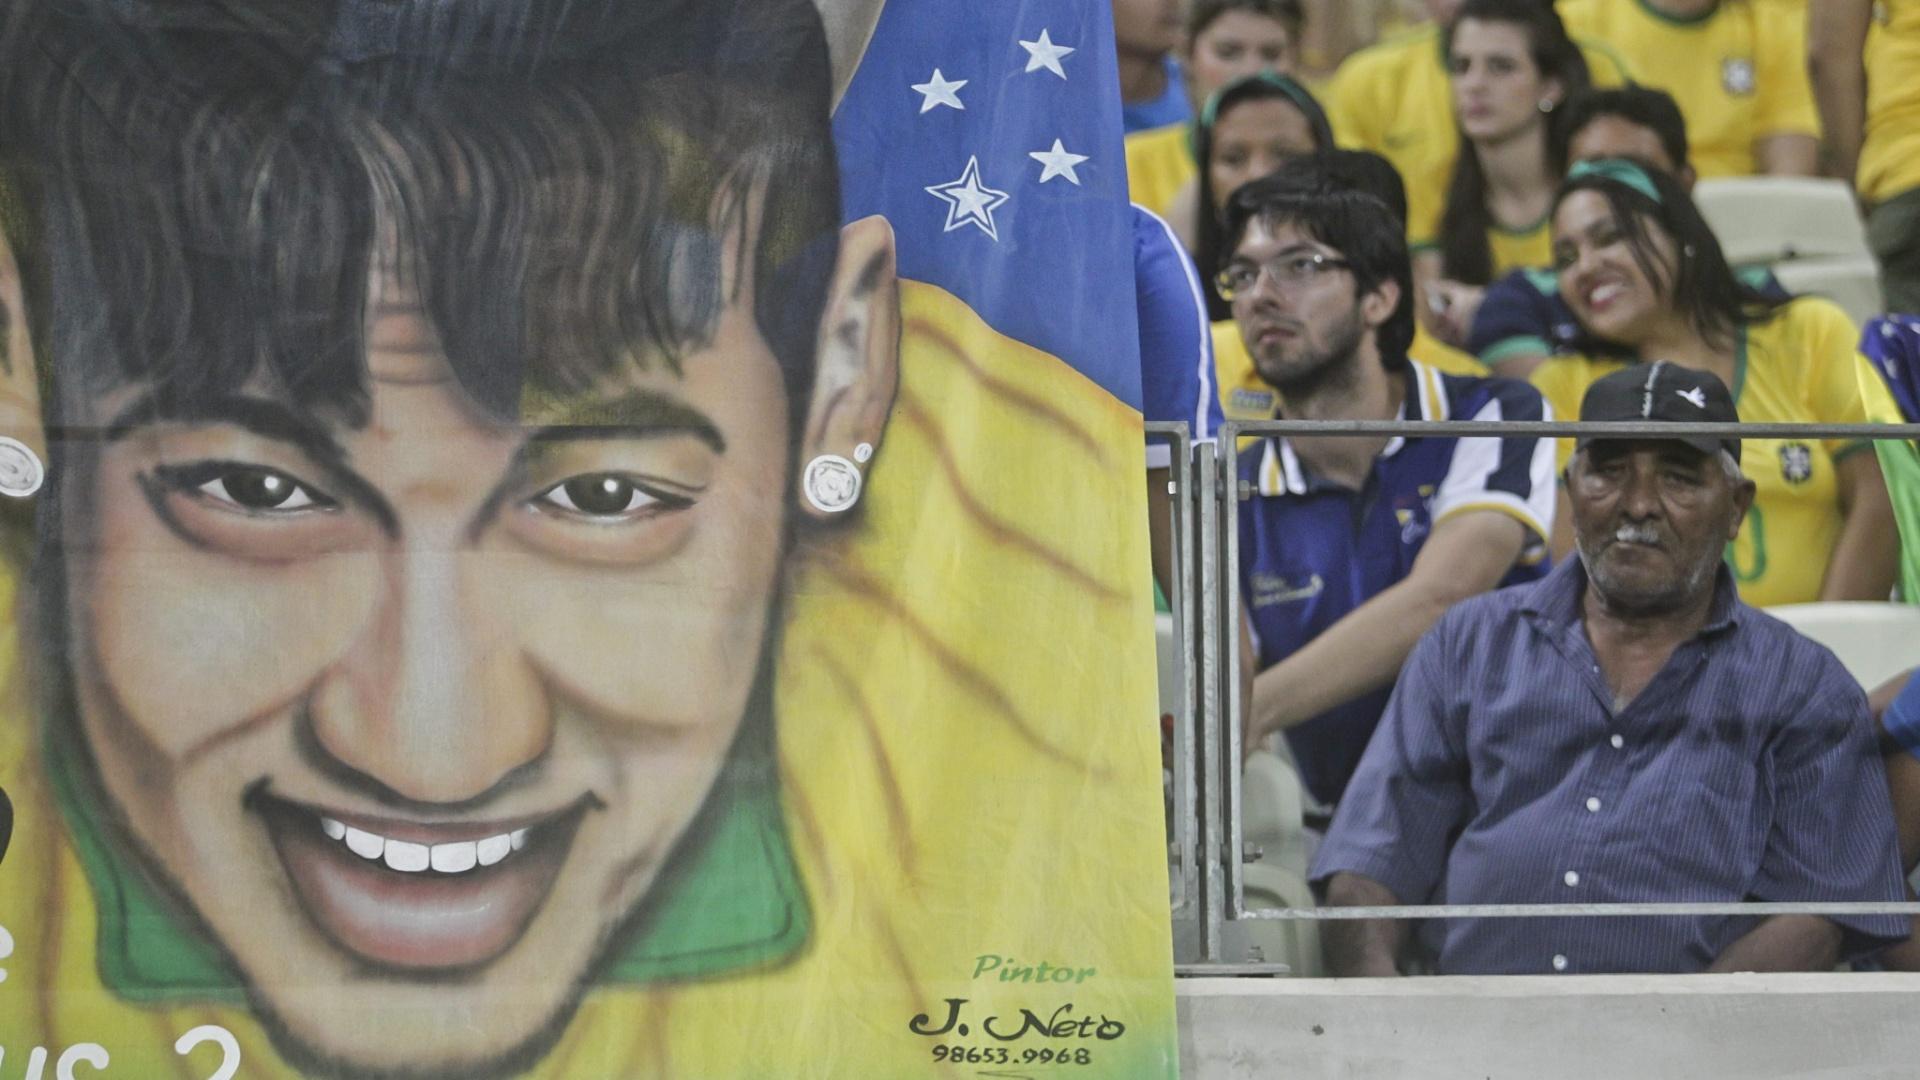 Torcedores levam bandeira de Neymar ao jogo do Brasil no Castelão. Atacante cumpre suspensão